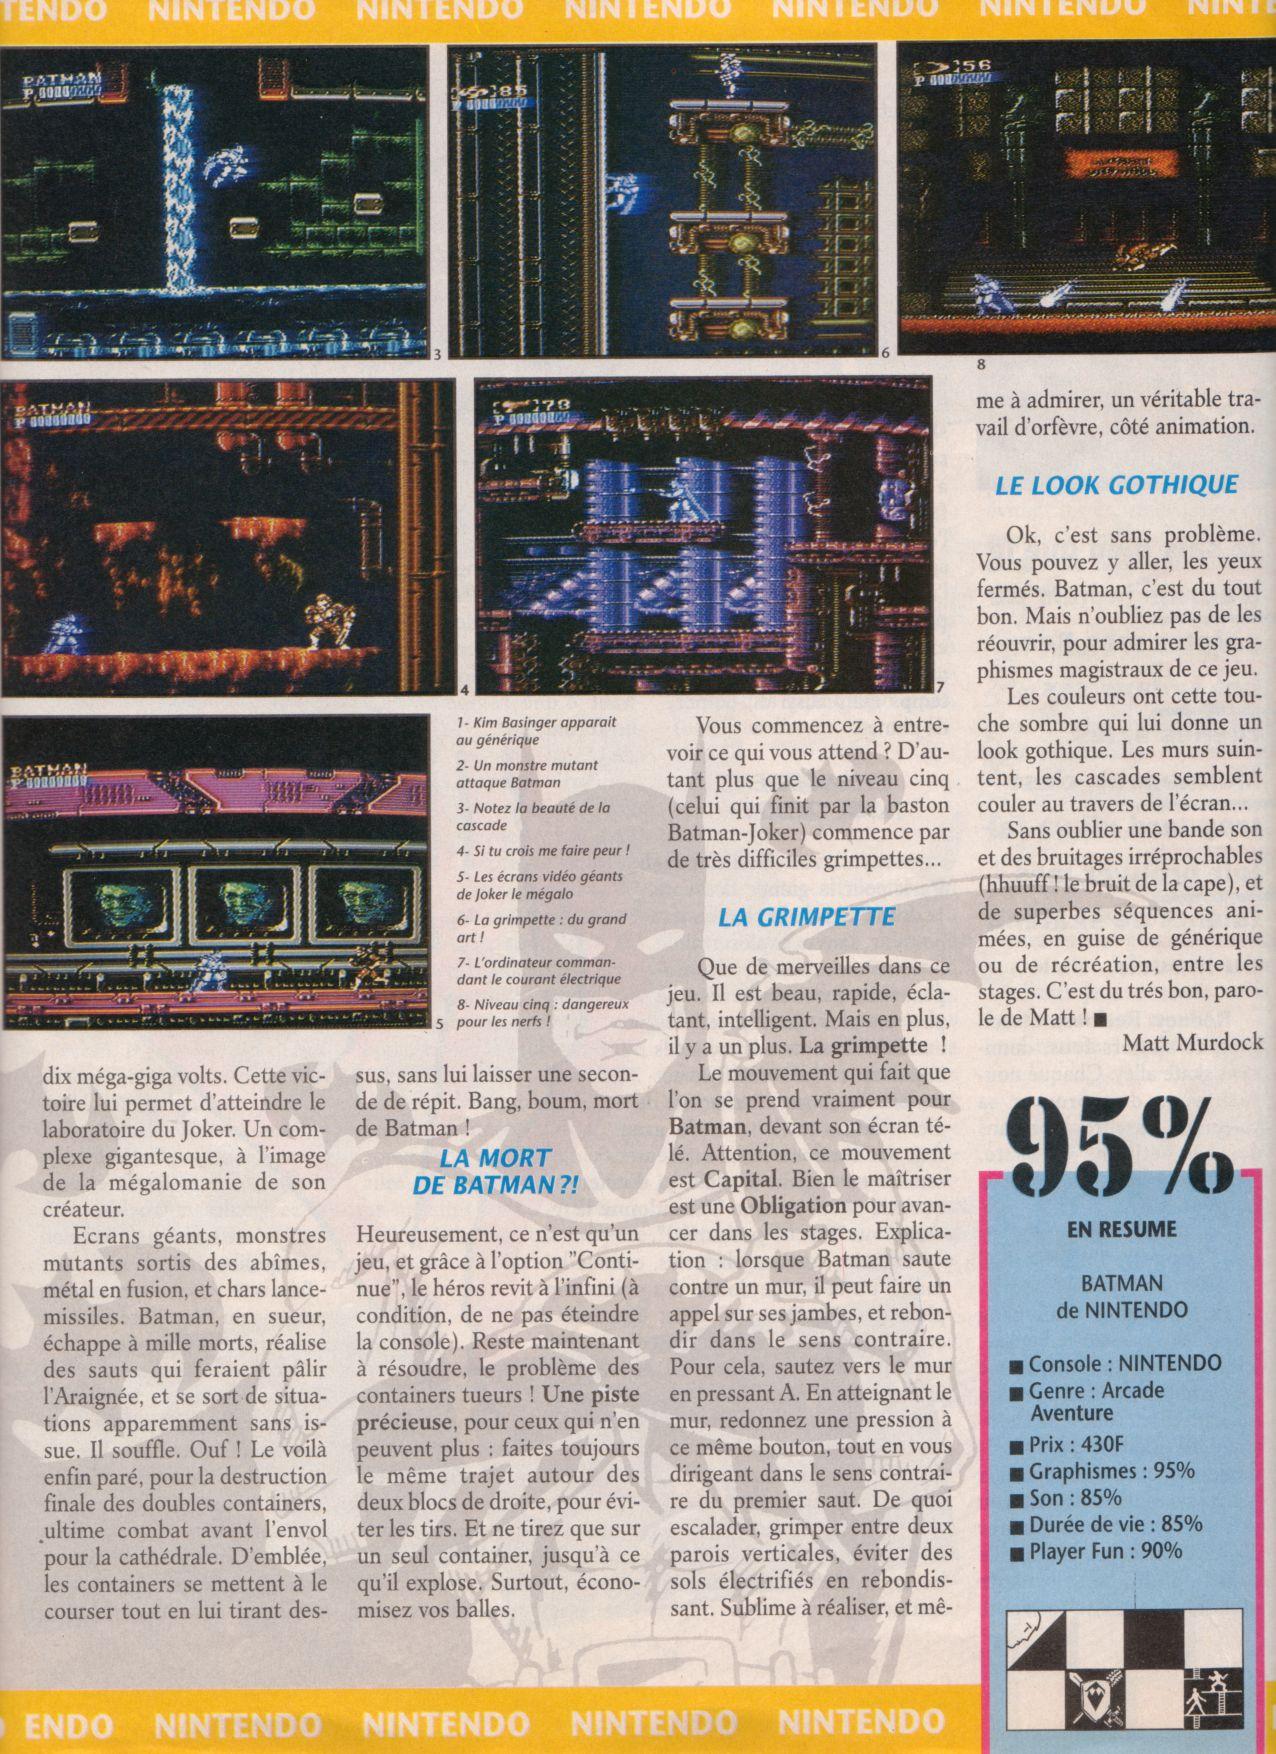 [Jeux]   BATMAN (NES) 1989. Player%20One%20002%20-%20Page%20029%20(1990-10)